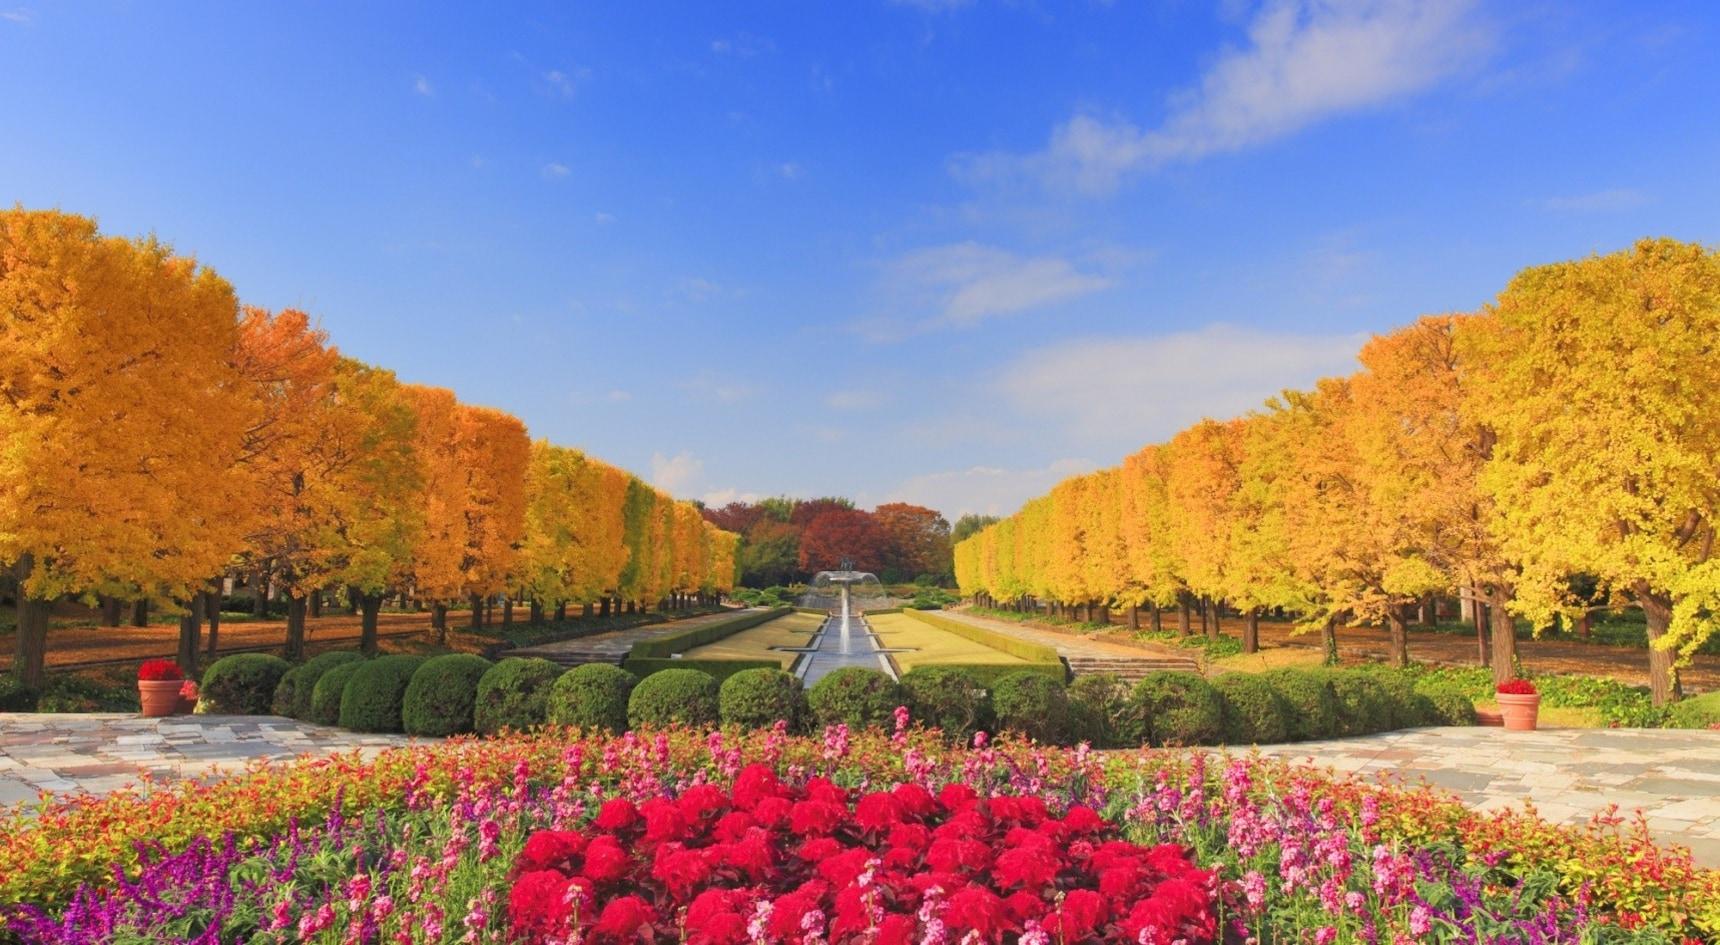 從南到北玩透透!12大日本紅葉與銀杏黃葉浪漫競演景點推薦